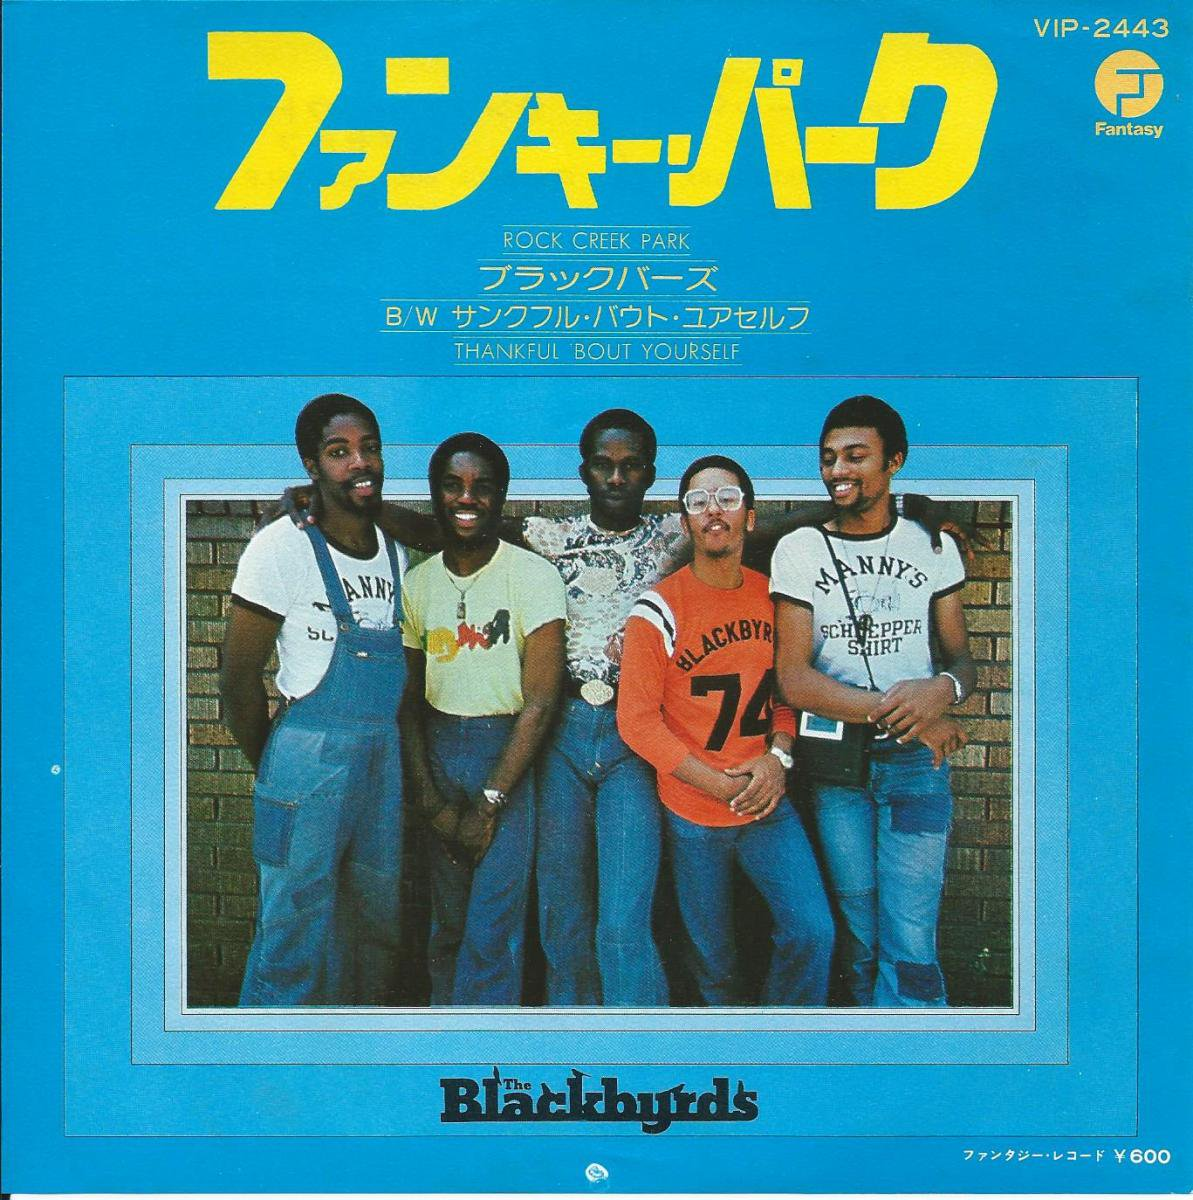 ブラックバーズ BLACKBYRDS / ファンキー・パーク ROCK CREEK PARK (7